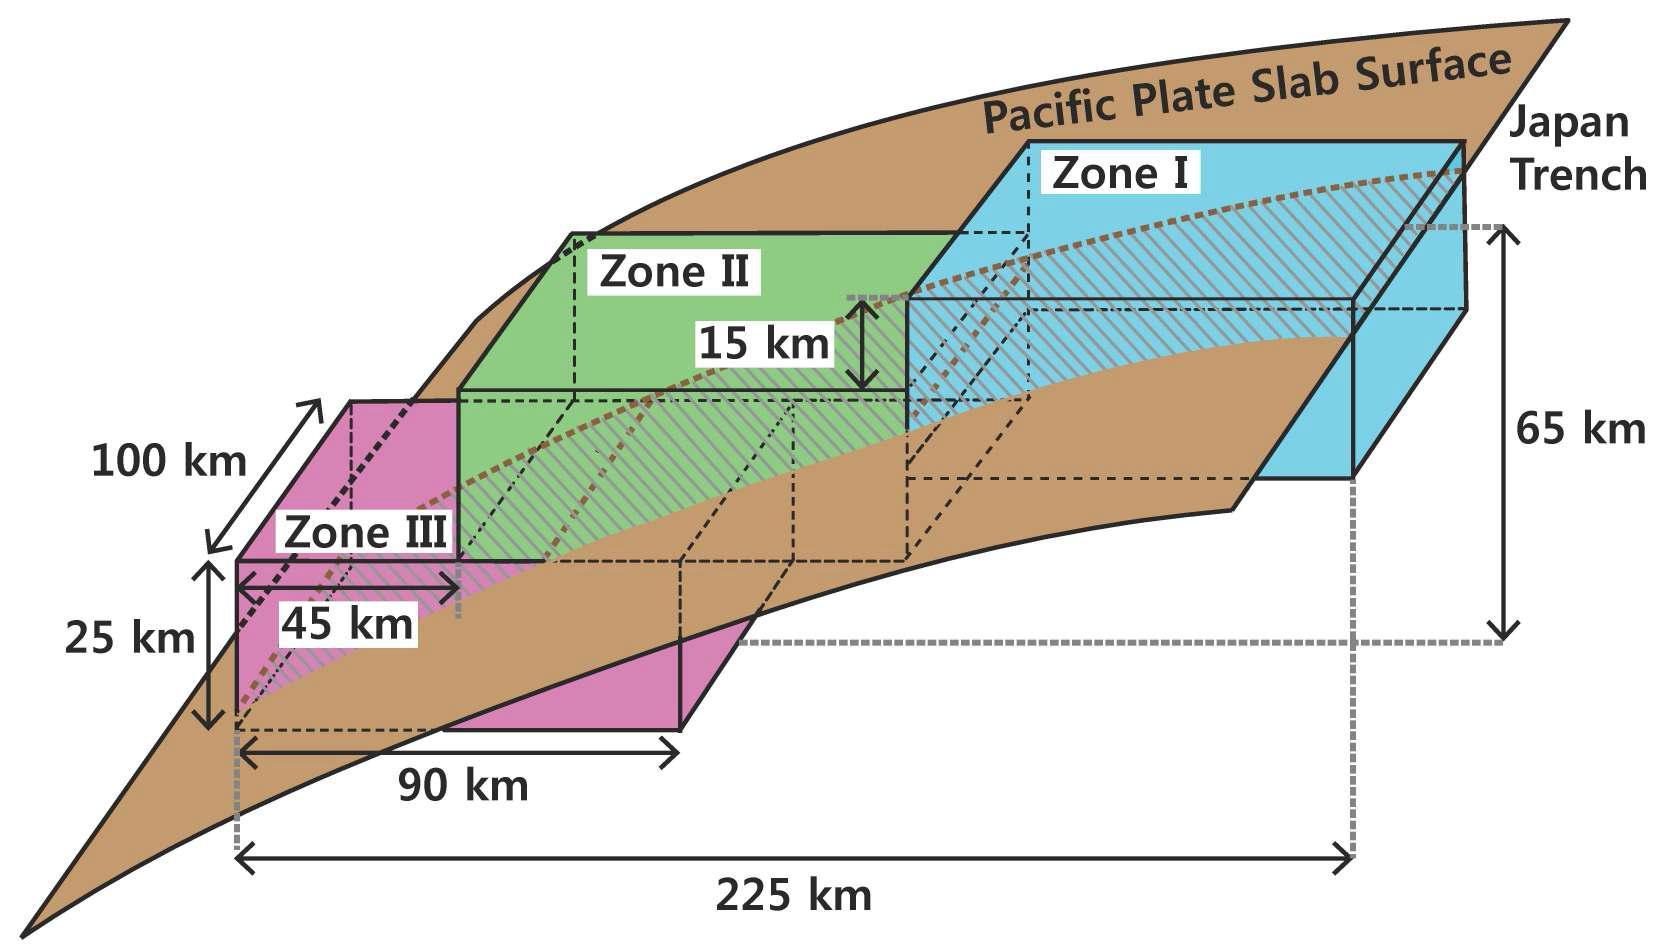 구역 설정 모델. 세 구역 (zones I, II, and III)은 해구 축으로부터 시작되어 침강하는 슬랩을 따라 설정되었다.